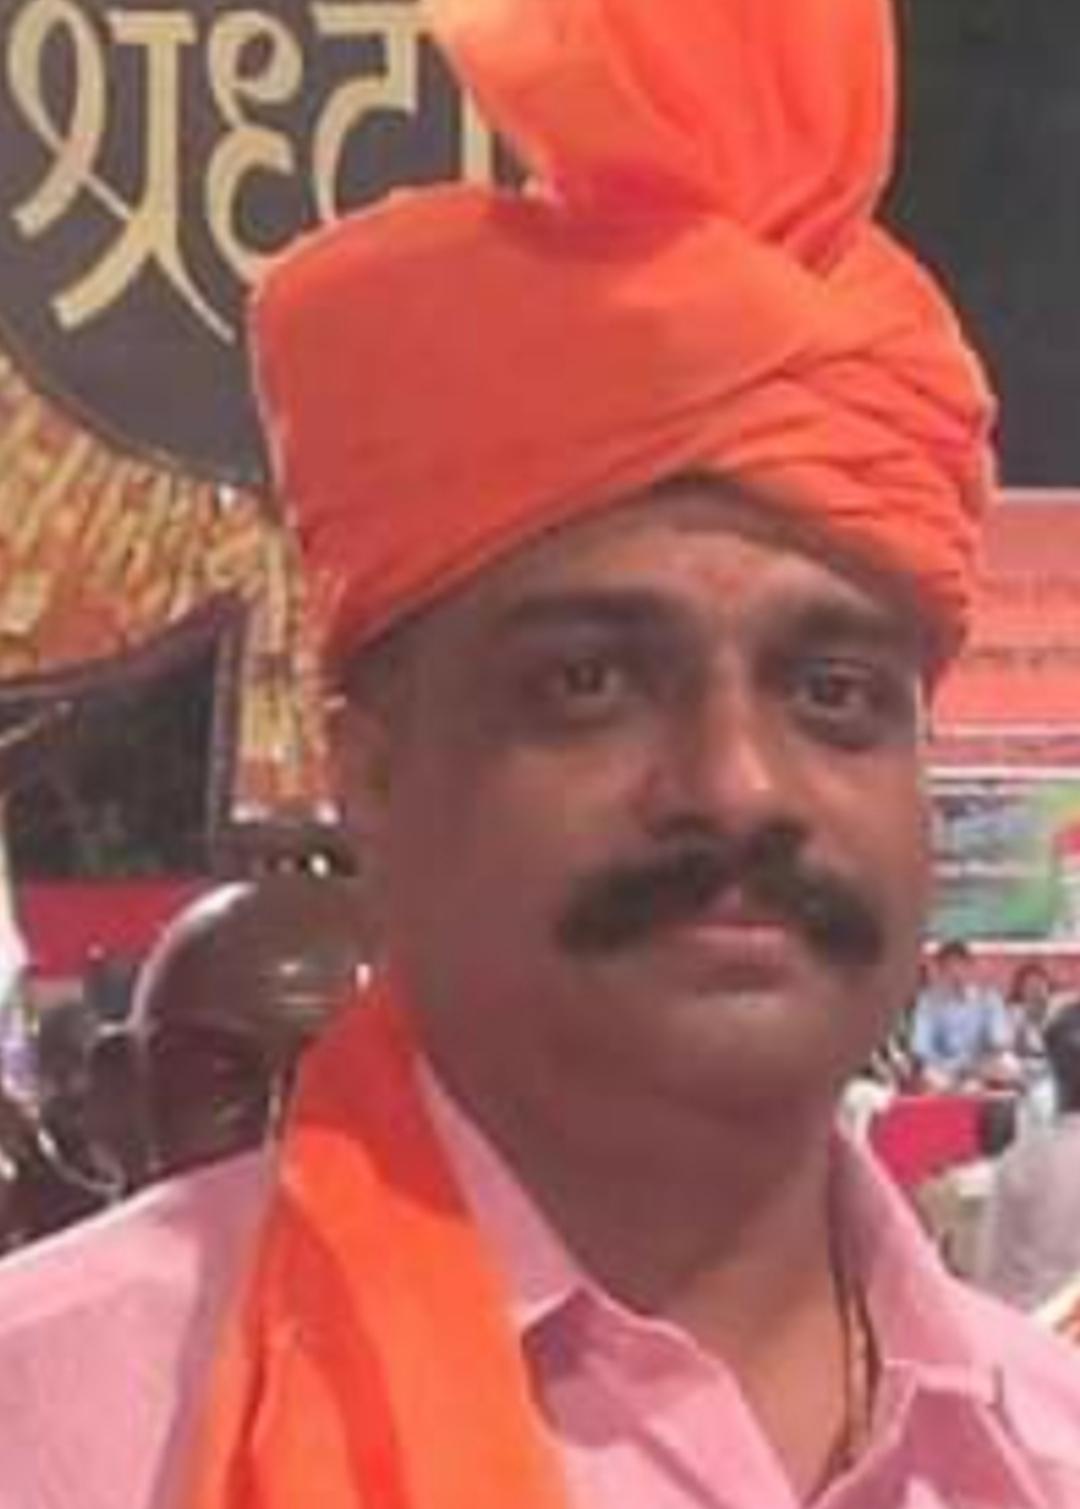 Adarsh Maharashtra | पी बी कोकरे लिहितात: गावचा विकास व सर्वसामान्यांचे प्रश्न सोडवायचे...